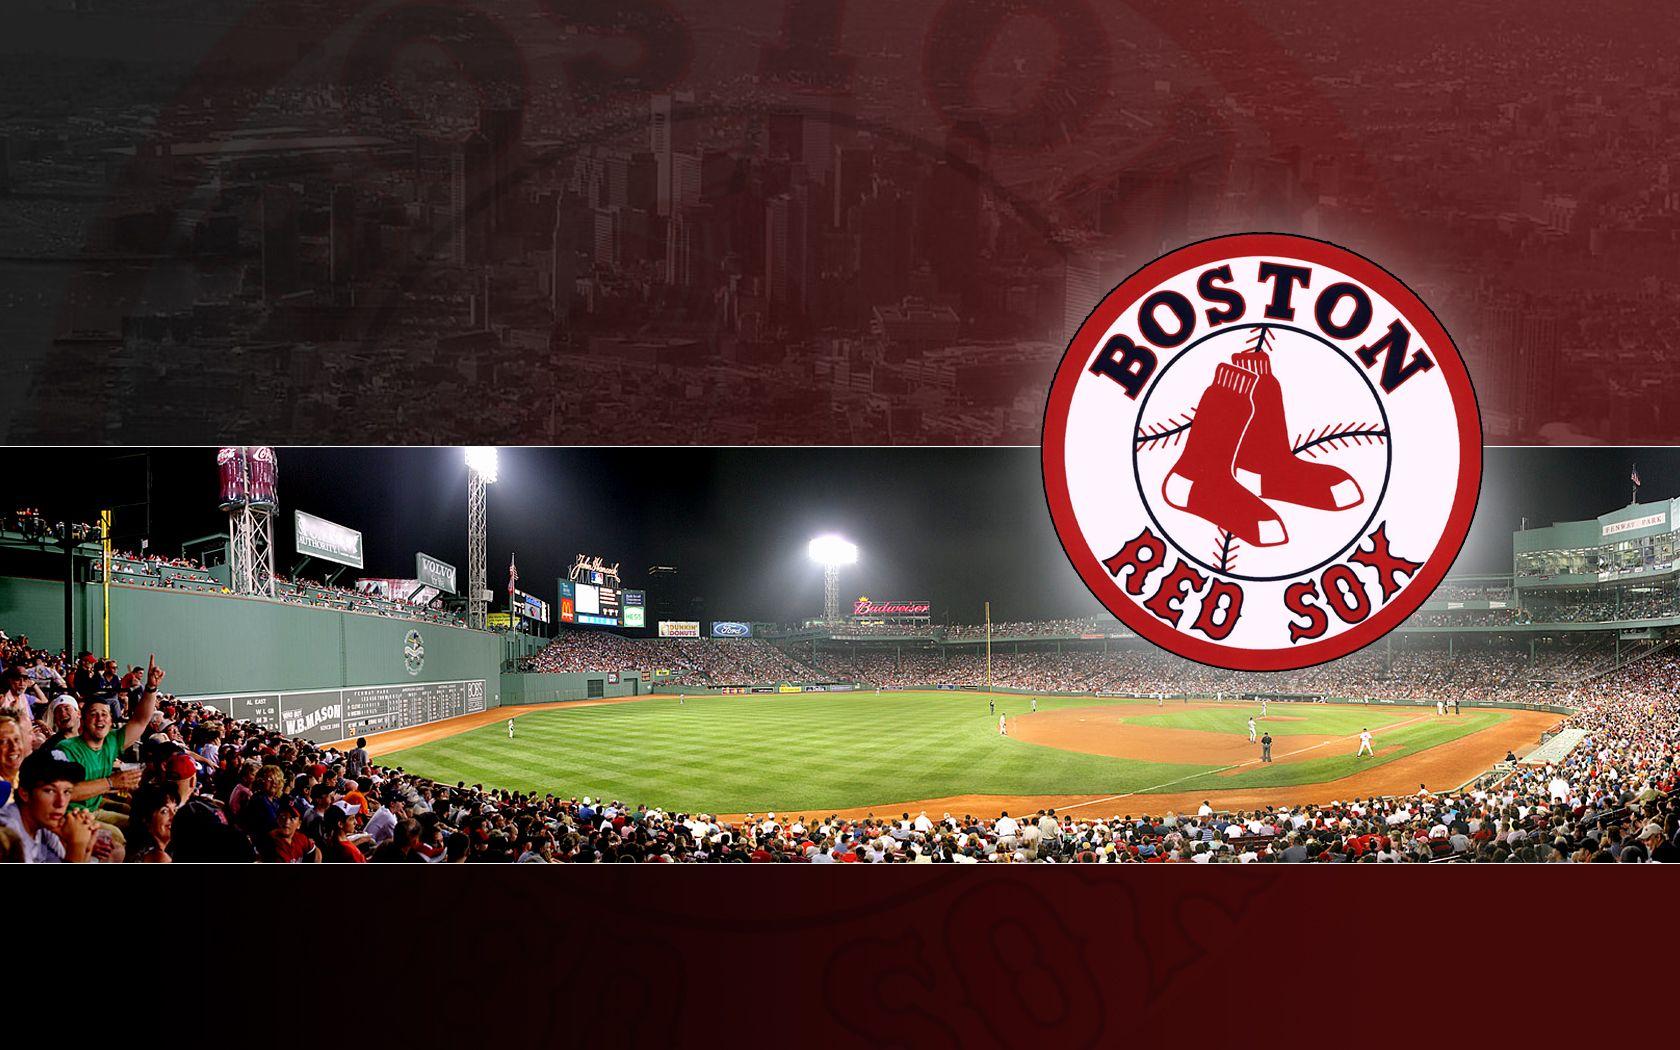 Boston Red Sox wallpaper by crazydi4mond on DeviantArt | Boston ...